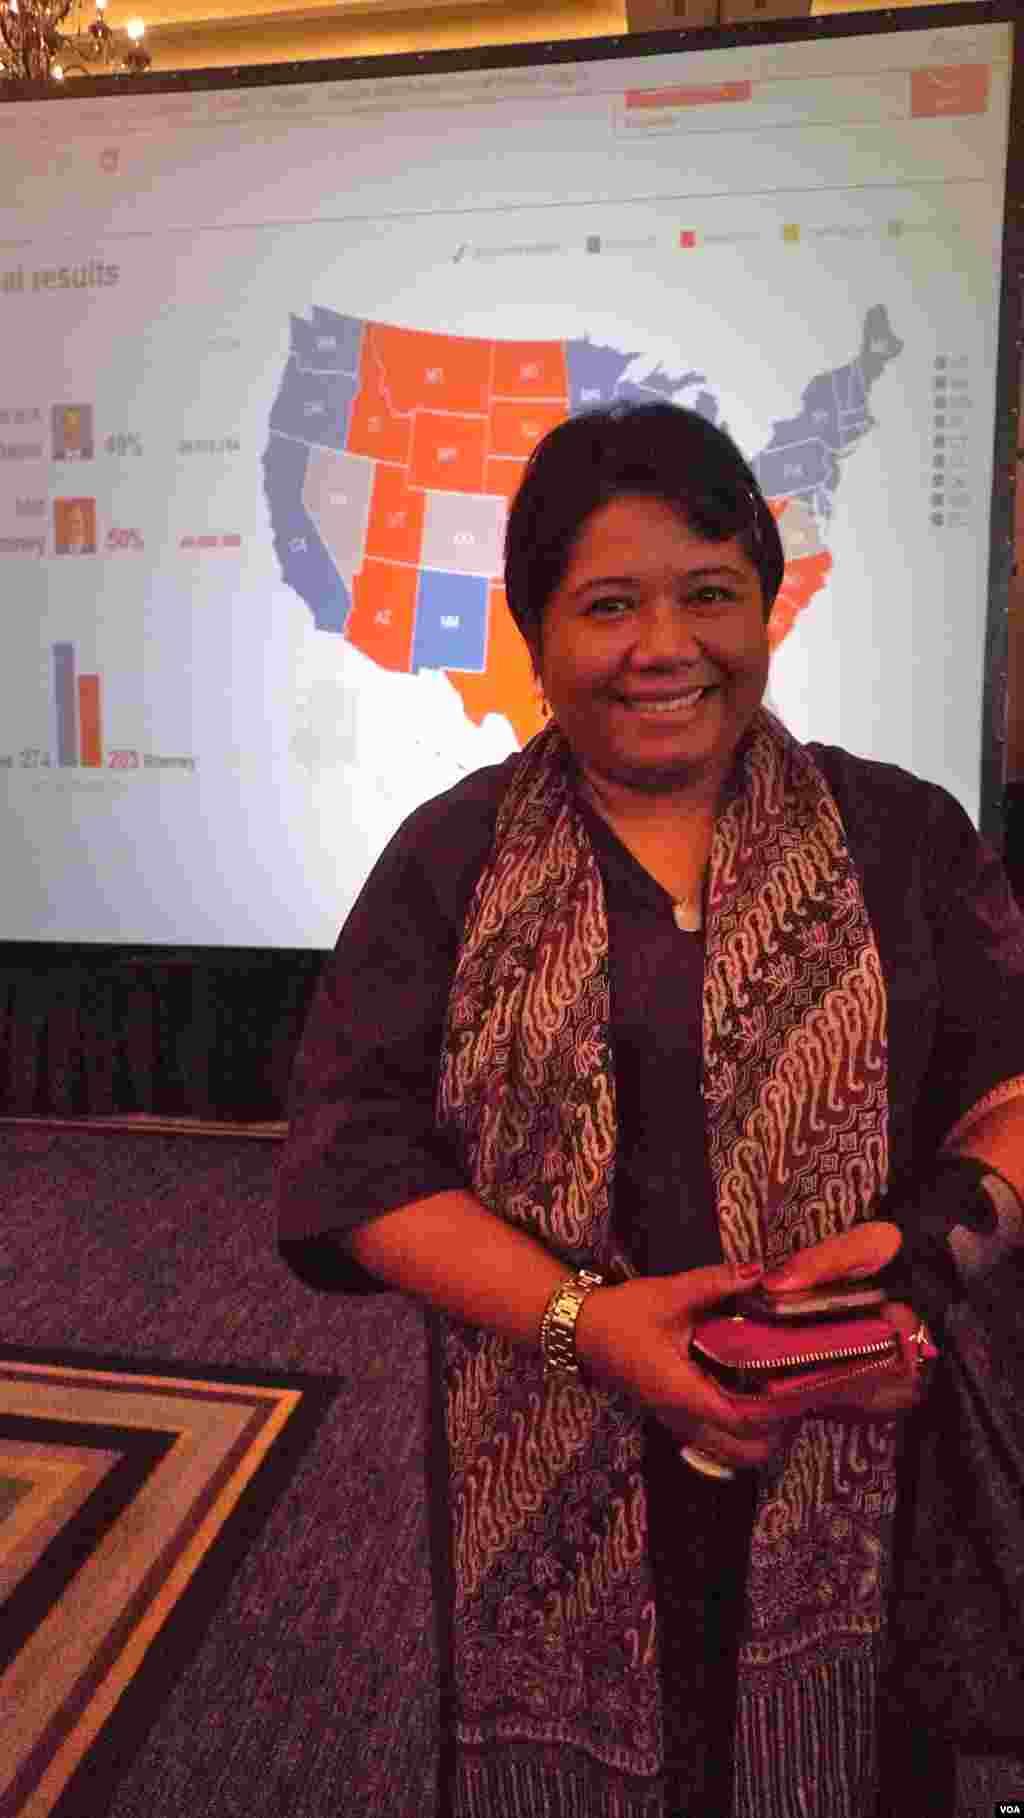 """""""Une victoire d'Obama vaut mieux pour l'Asie"""", soutient , pour sa part, Ima Abdulrahim, directrice exécutive du Centre Habibie, un cercle de réflexion libéral de Jakarta, en Indonésie (S. Schondart/VOA)"""